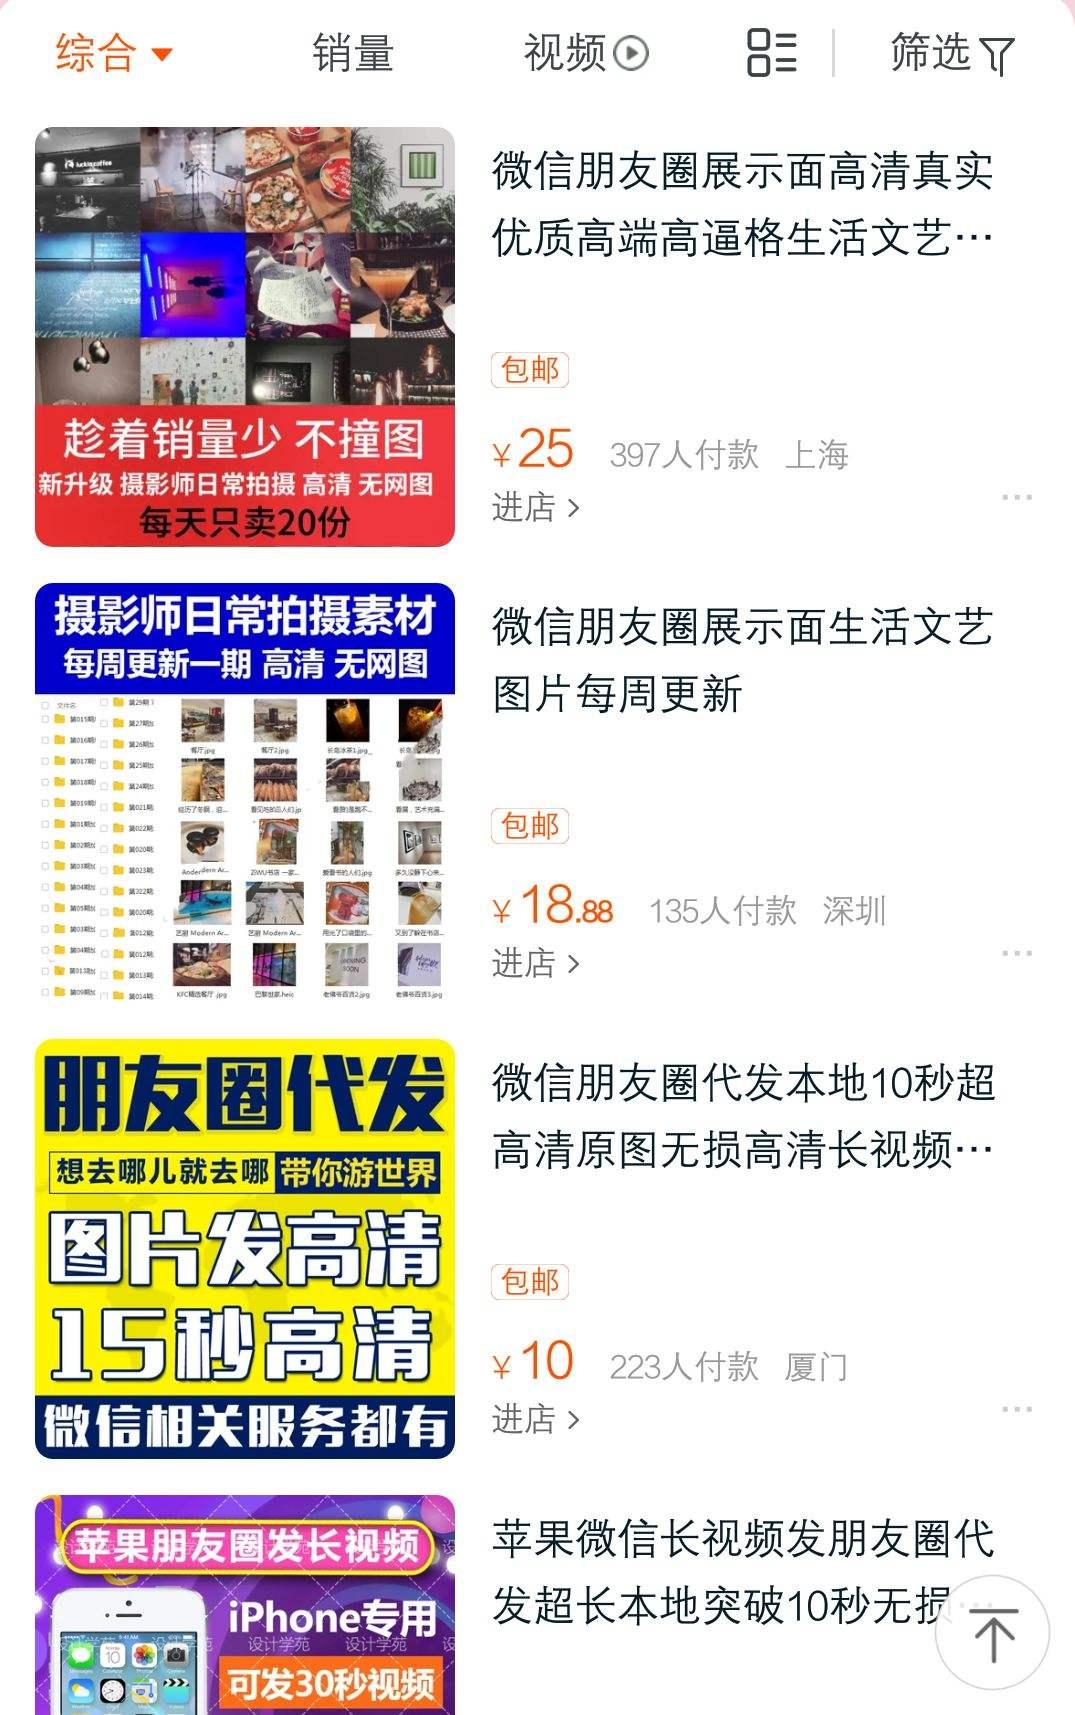 """微信点名淘宝:下架""""10元改朋友圈定位""""违规服务"""